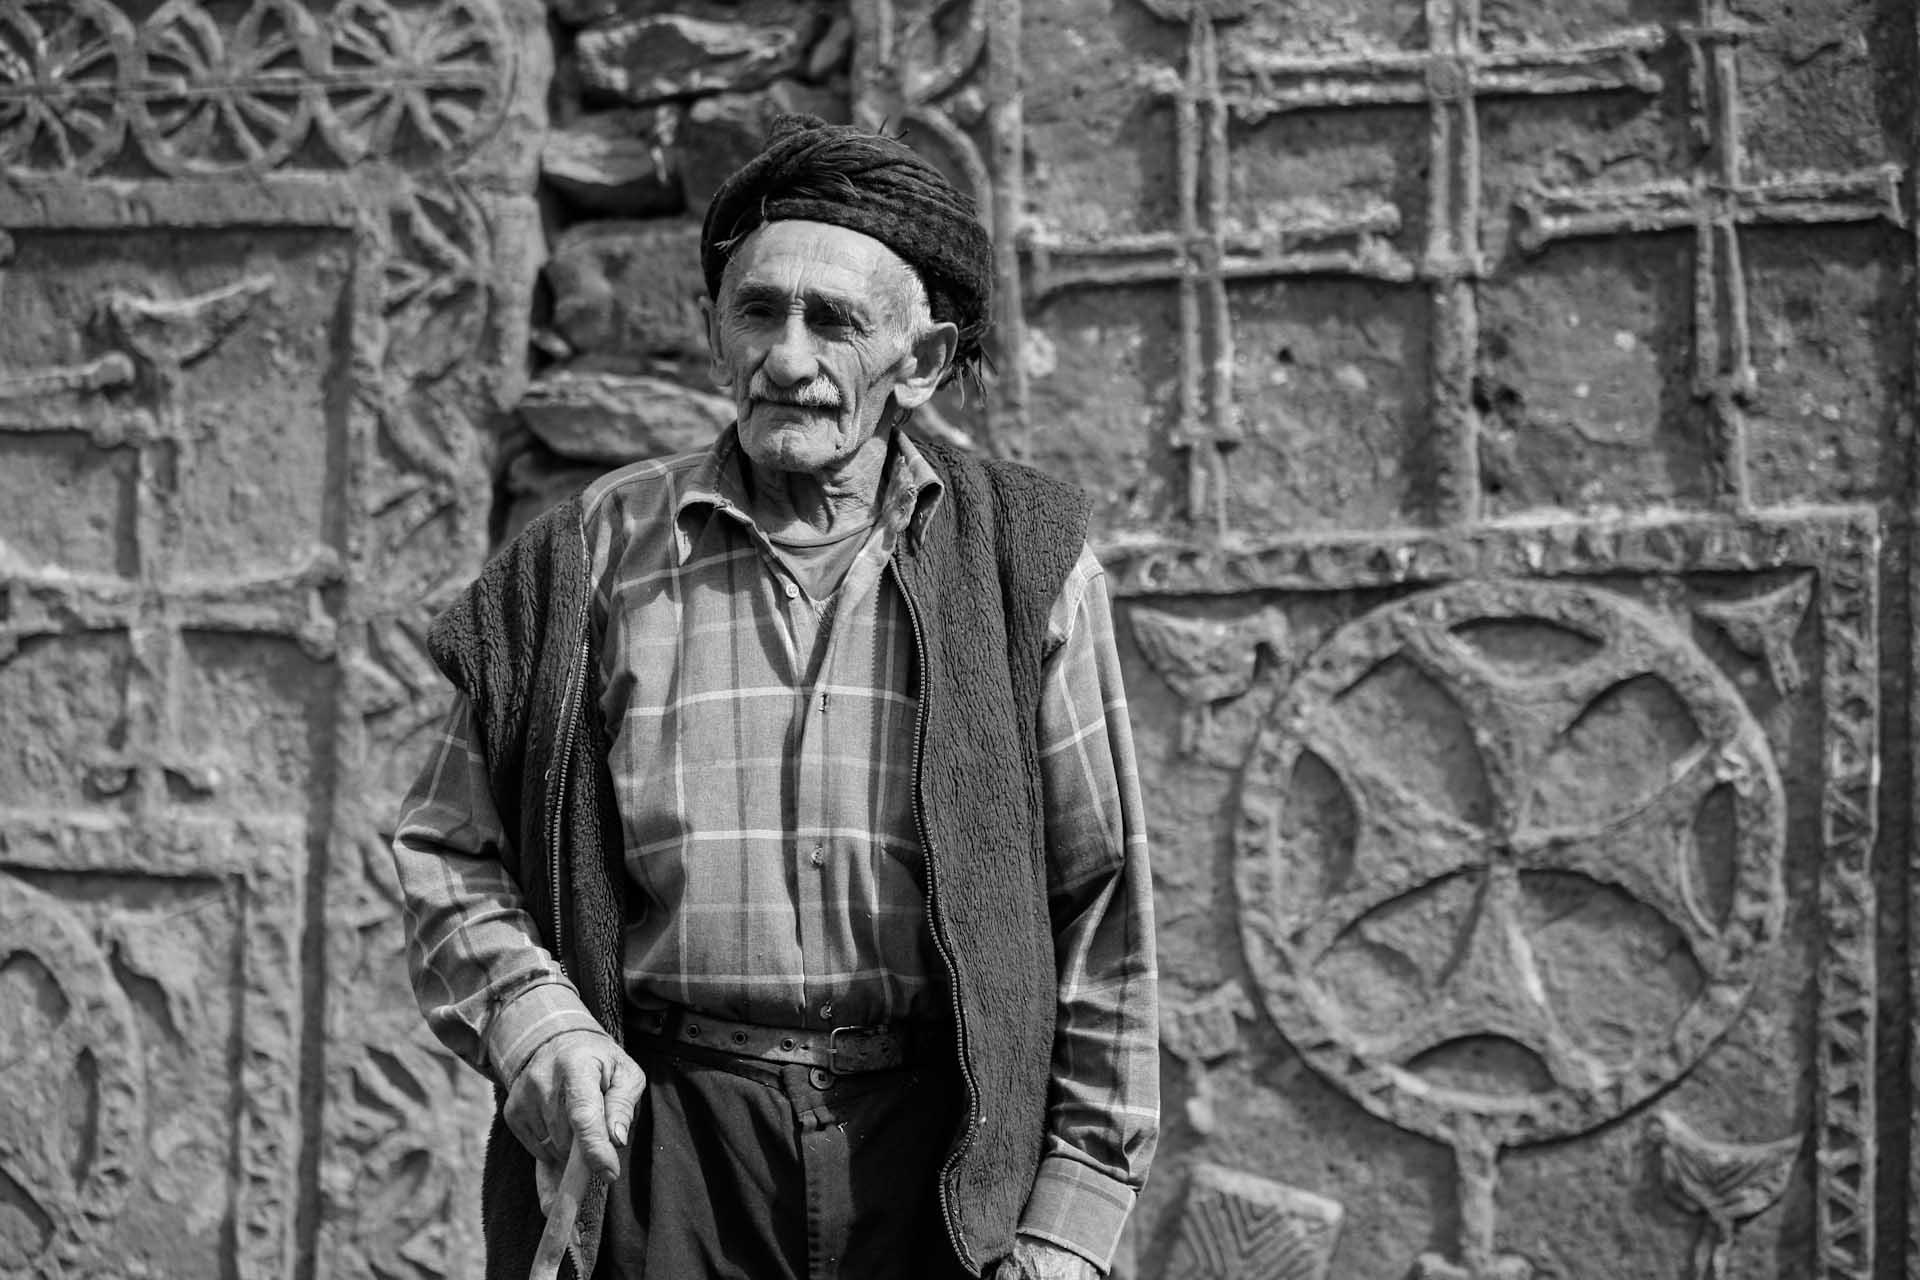 Der Dorfälteste und alte Herr der kurdischen Sippe, die heute die Häuser direkt neben der ehemaligen Kirche bewohnt.